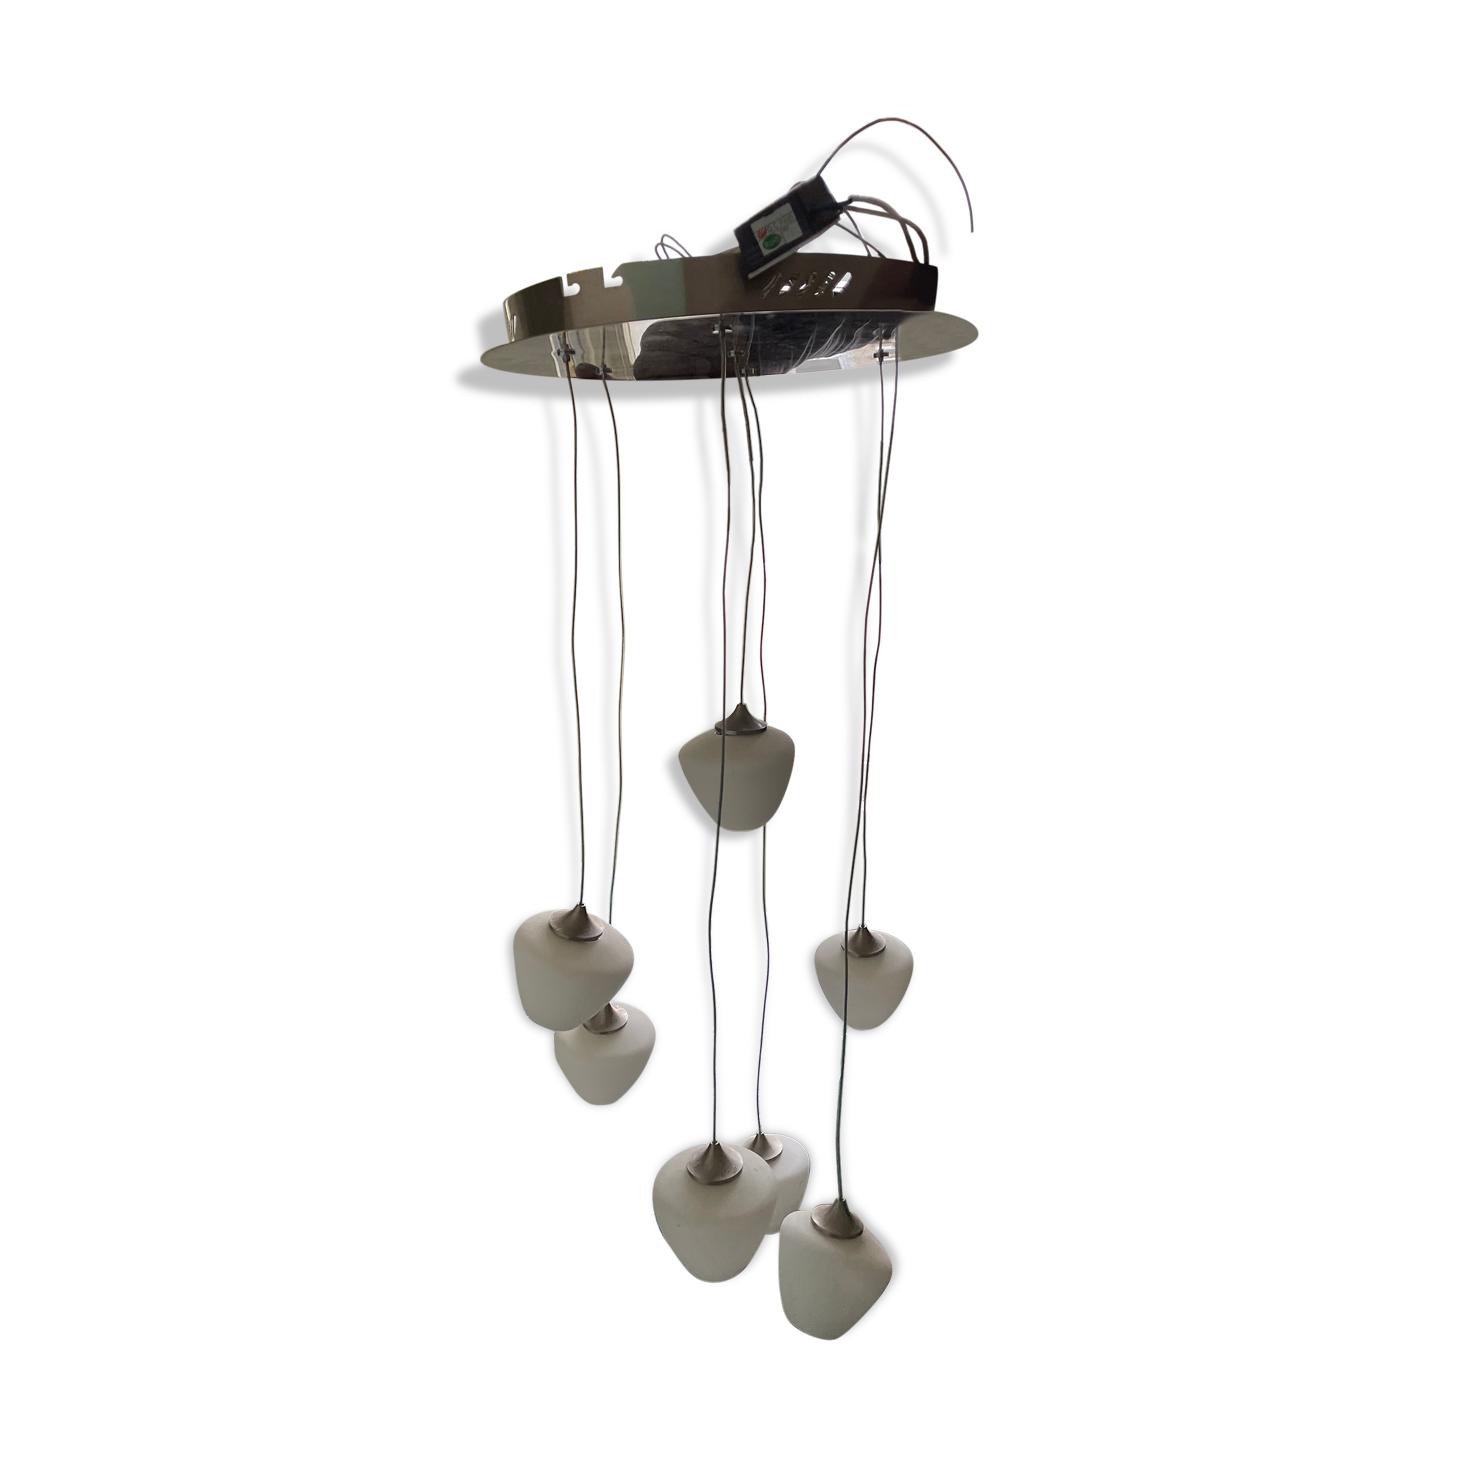 Suspension aérienne (7 leds),  métal et verre de chez Habitat, parfait état